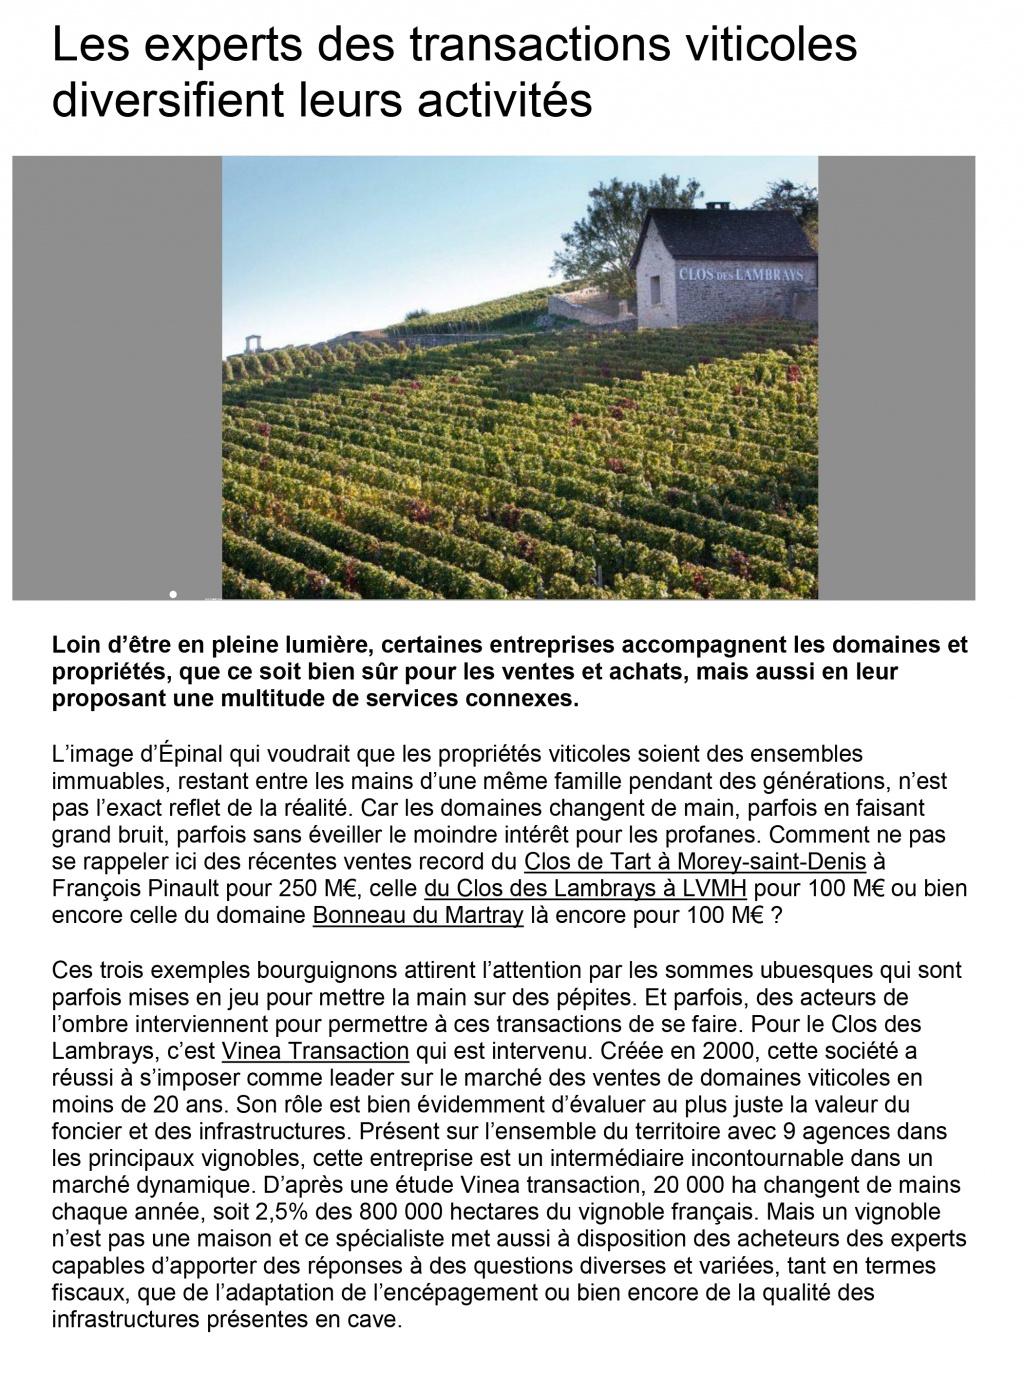 Terre de Vins – Vinea Transaction un acteur majeur sur le marché du foncier viticole